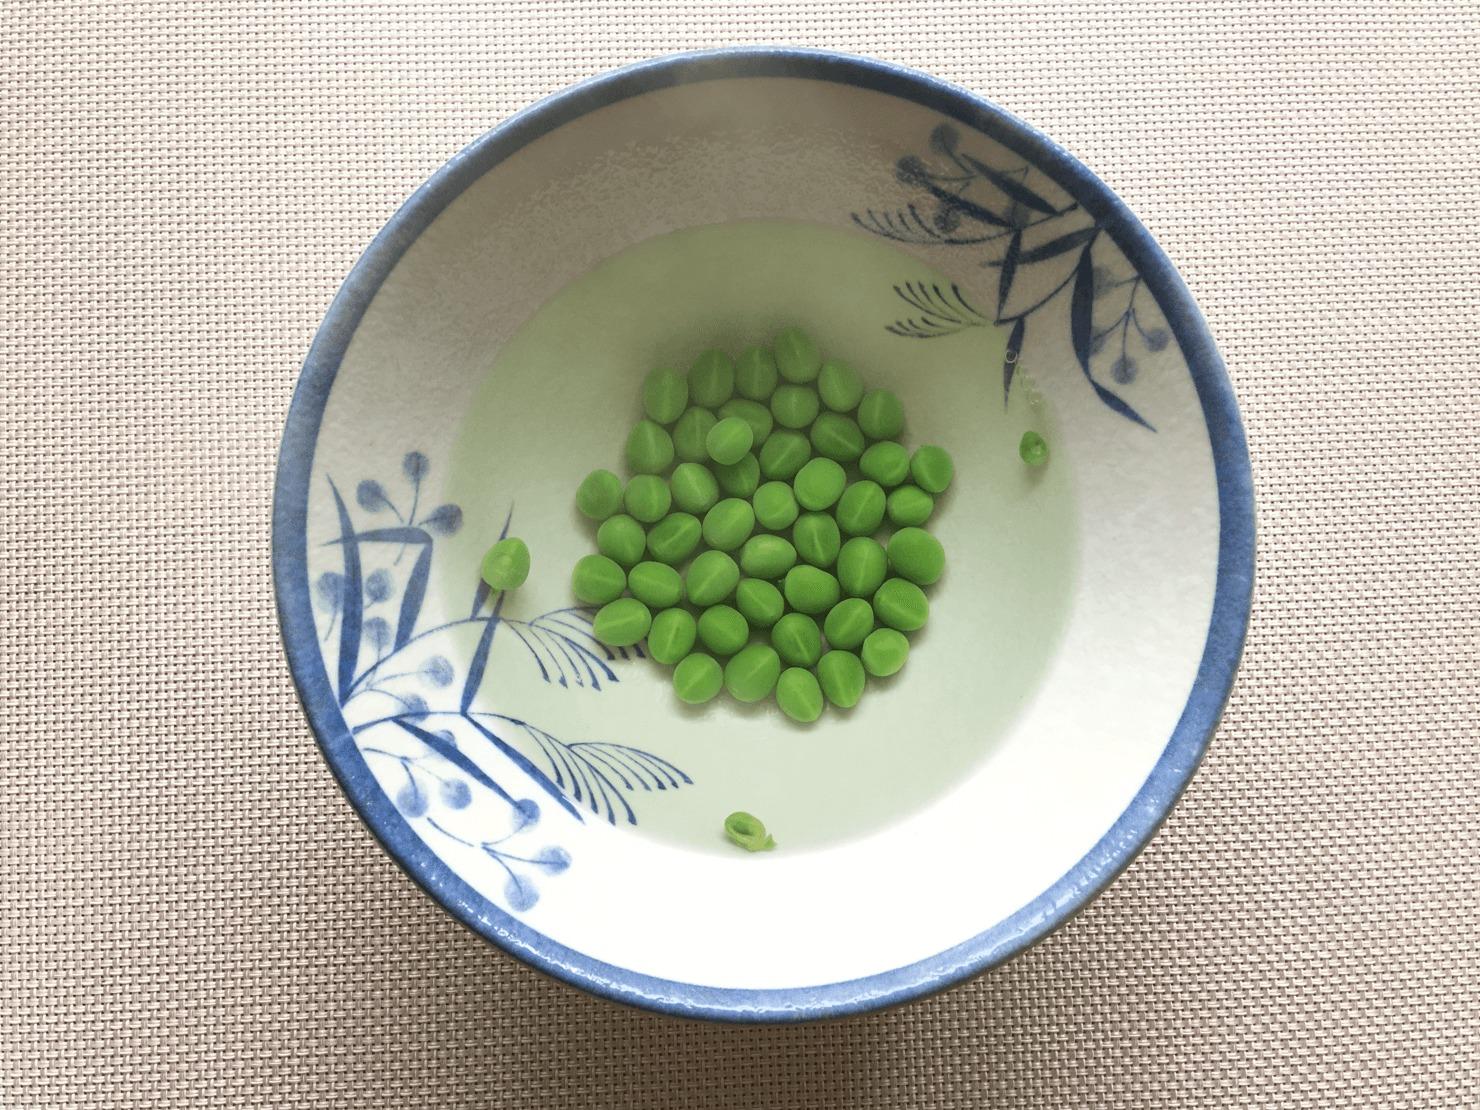 ゆでた豆の粗熱を取っている写真